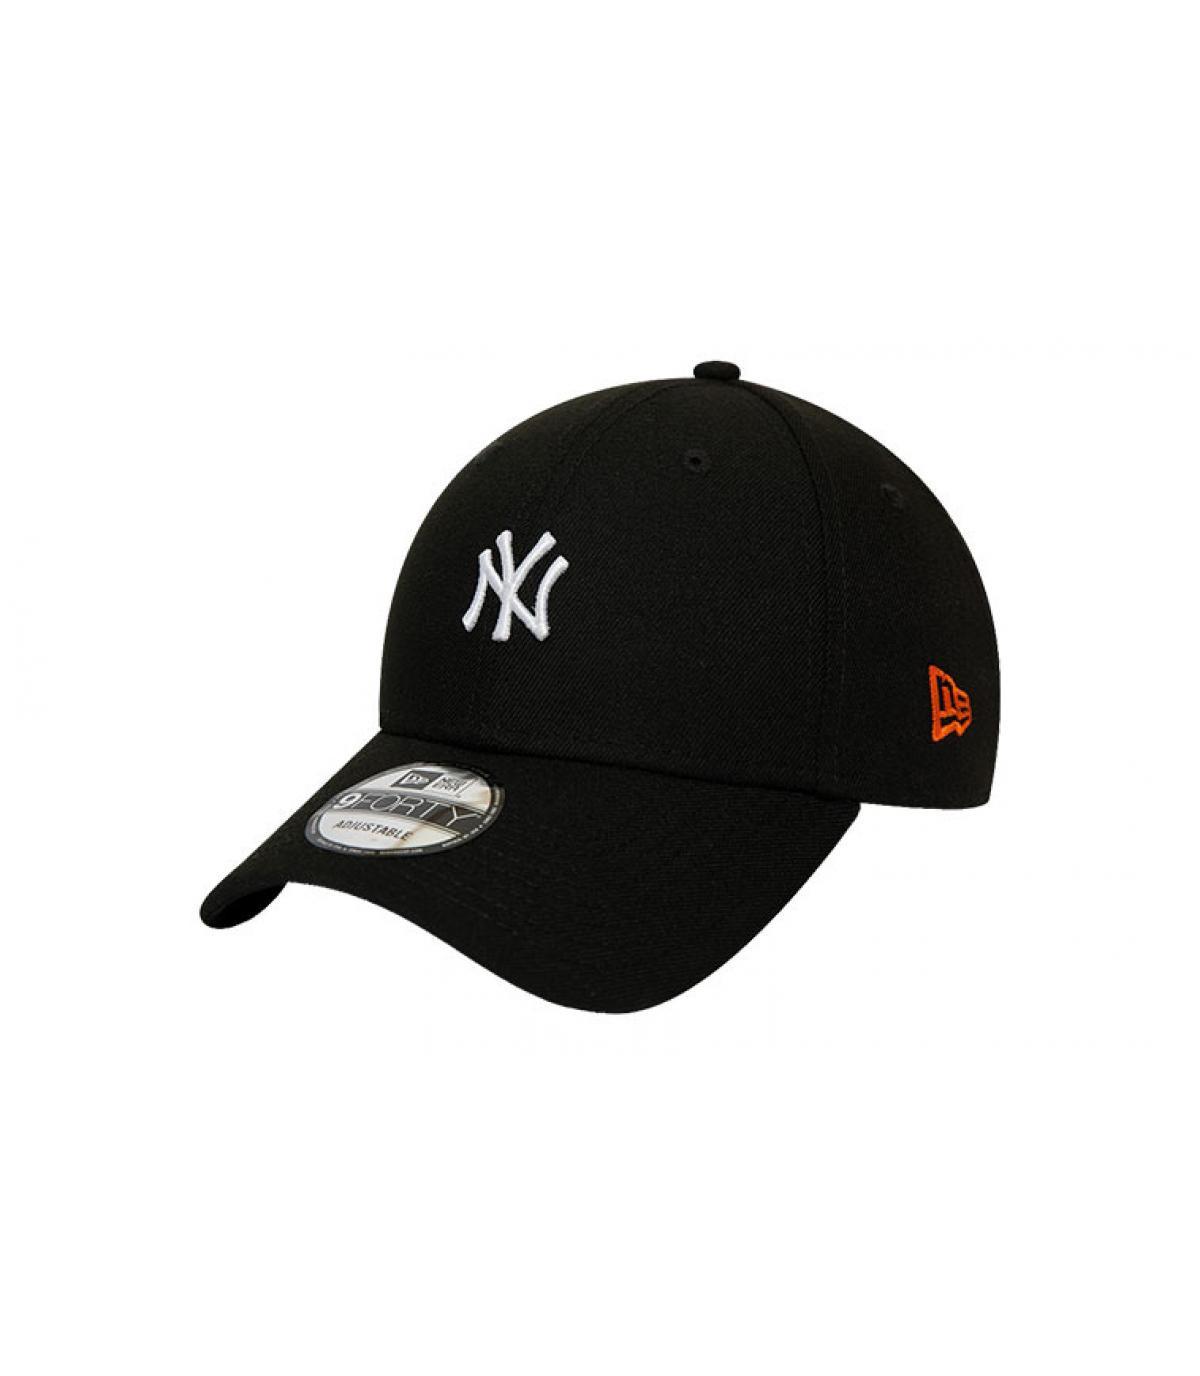 Détails Casquette MLB Tour NY 940 black - image 2